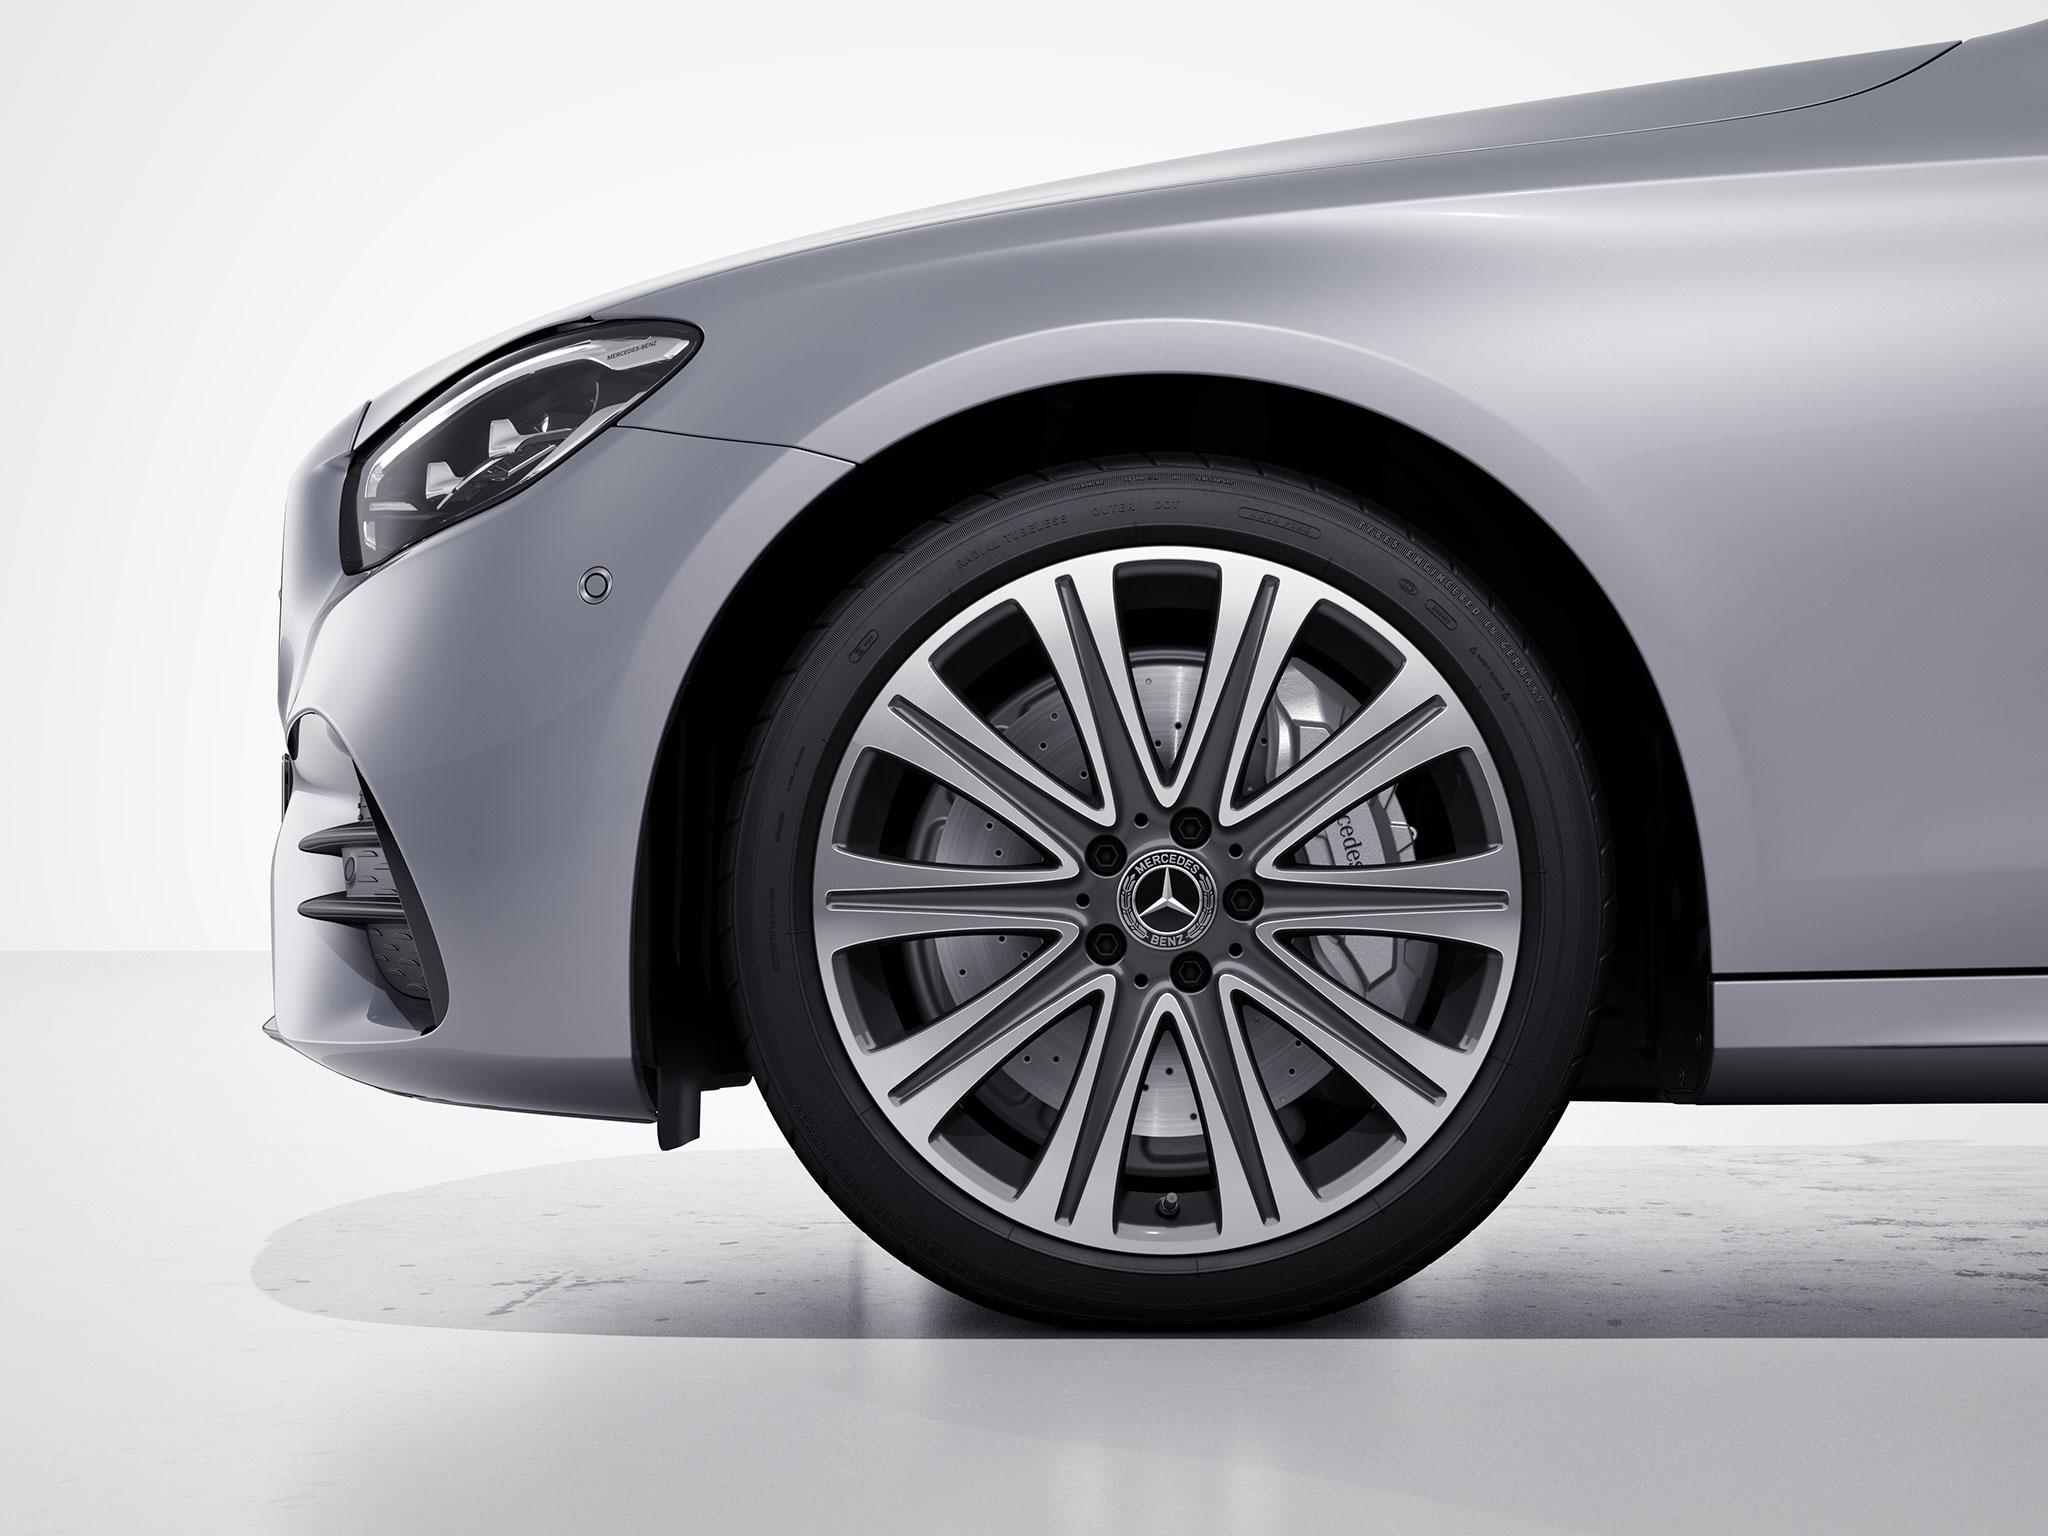 Arrière de la Mercedes Classe E Finition Luxury